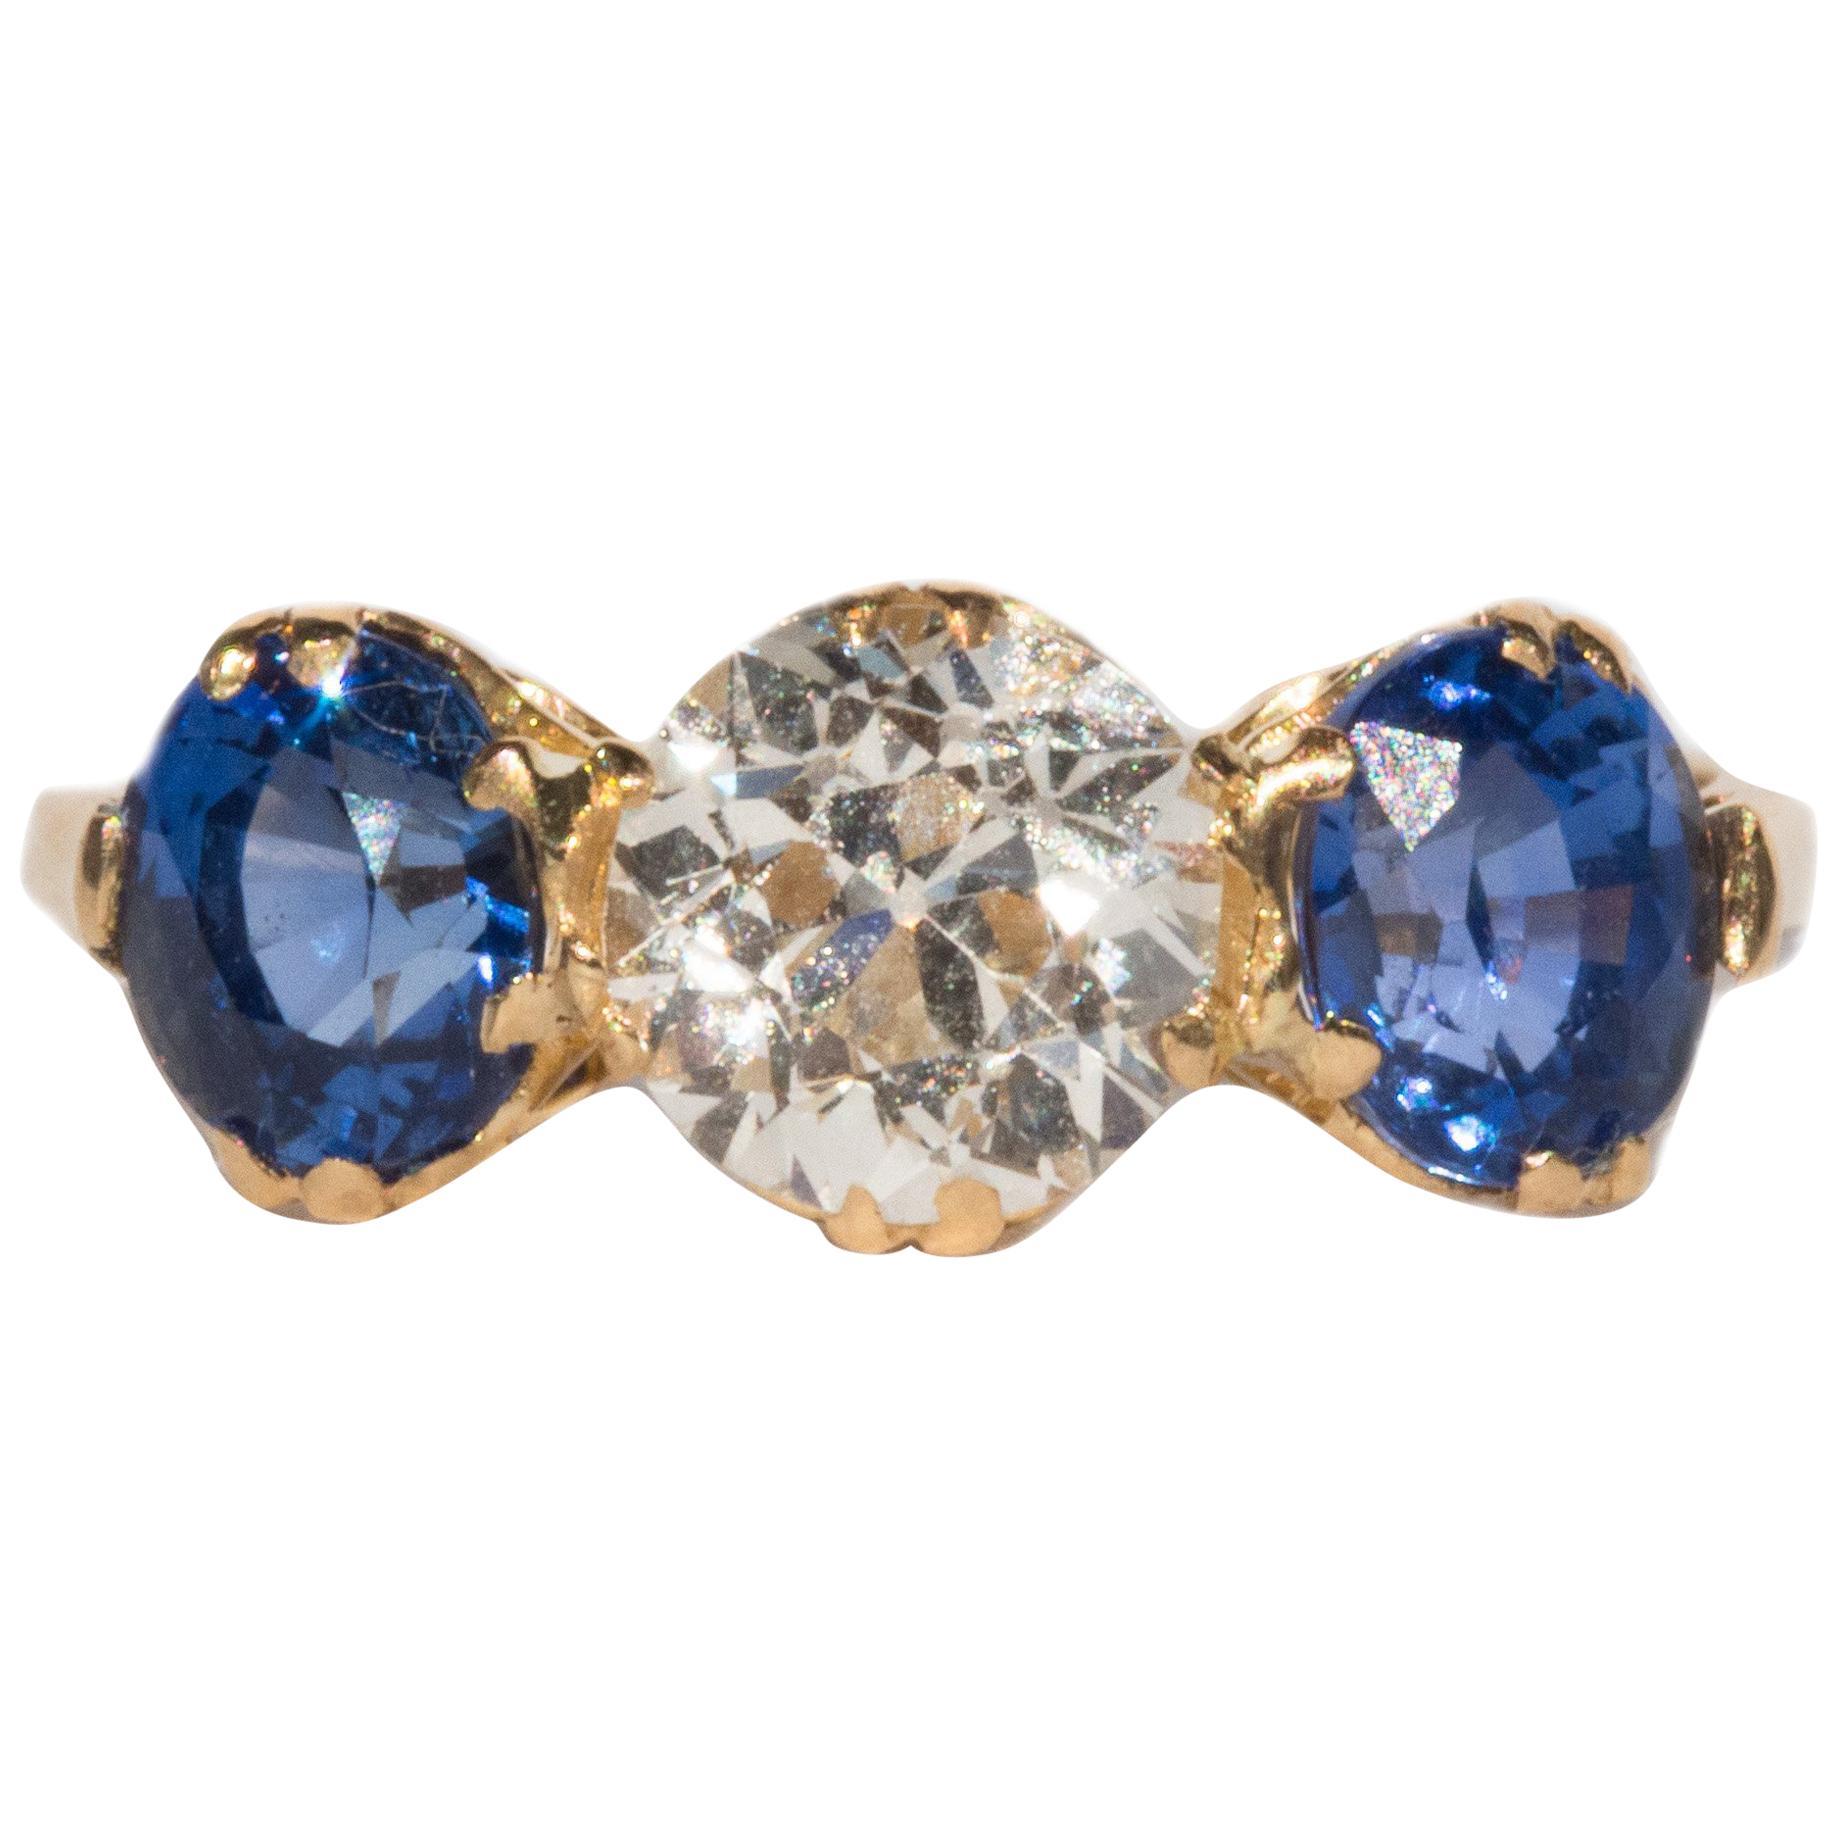 GIA Certified 1.09 Carat Diamond Yellow Gold Engagement Ring